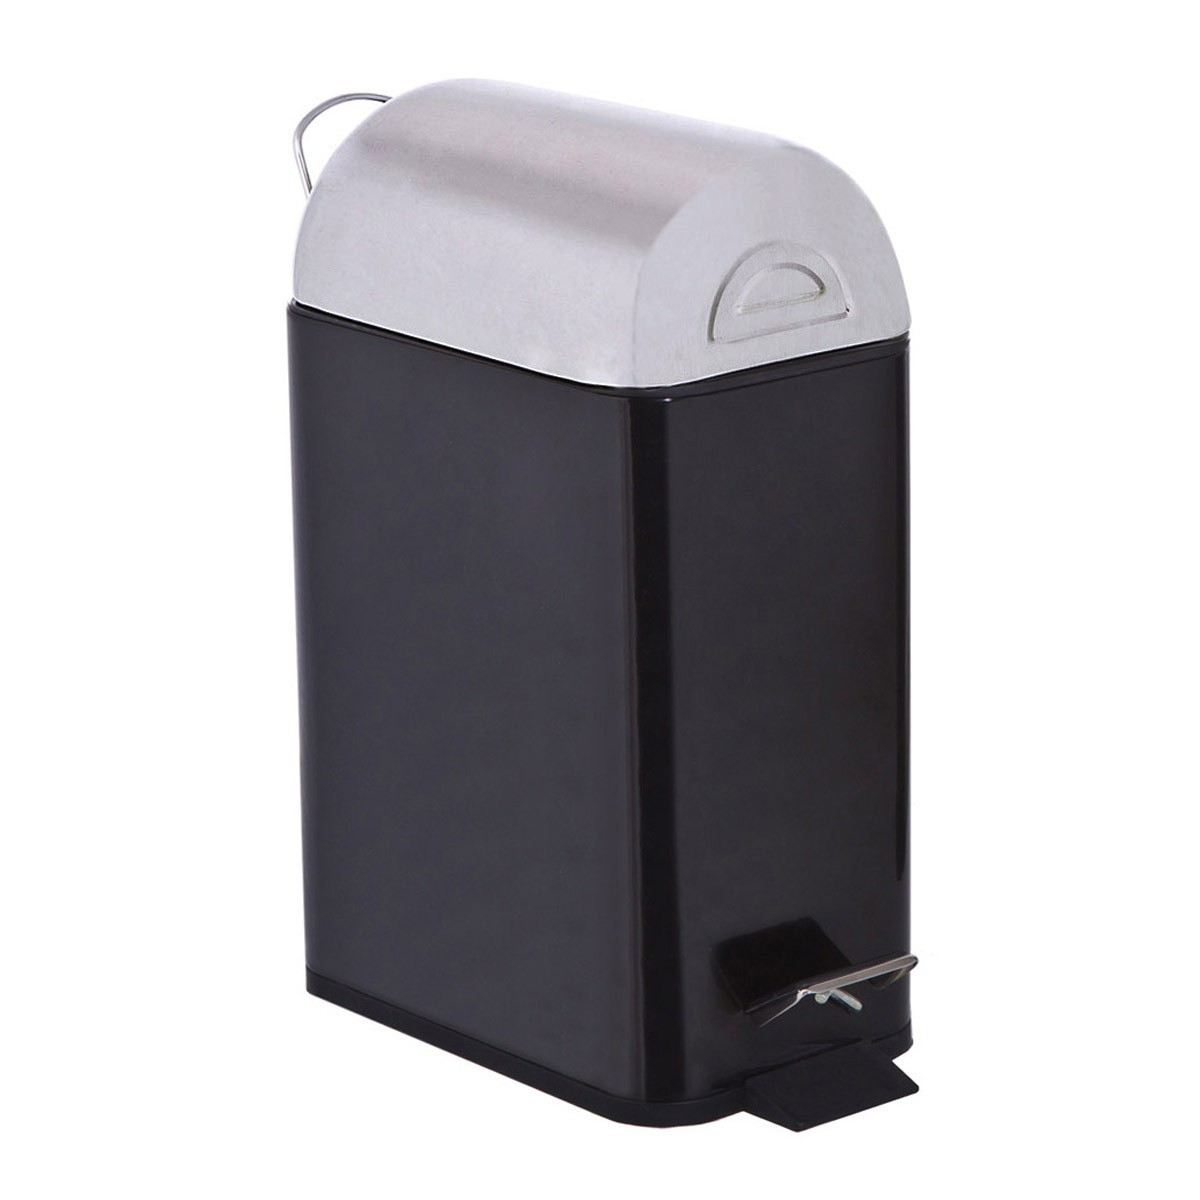 Κάδος Απορριμάτων Marva 5Lit Rectagular Black 431122 home   μπάνιο   κάδοι απορριμμάτων